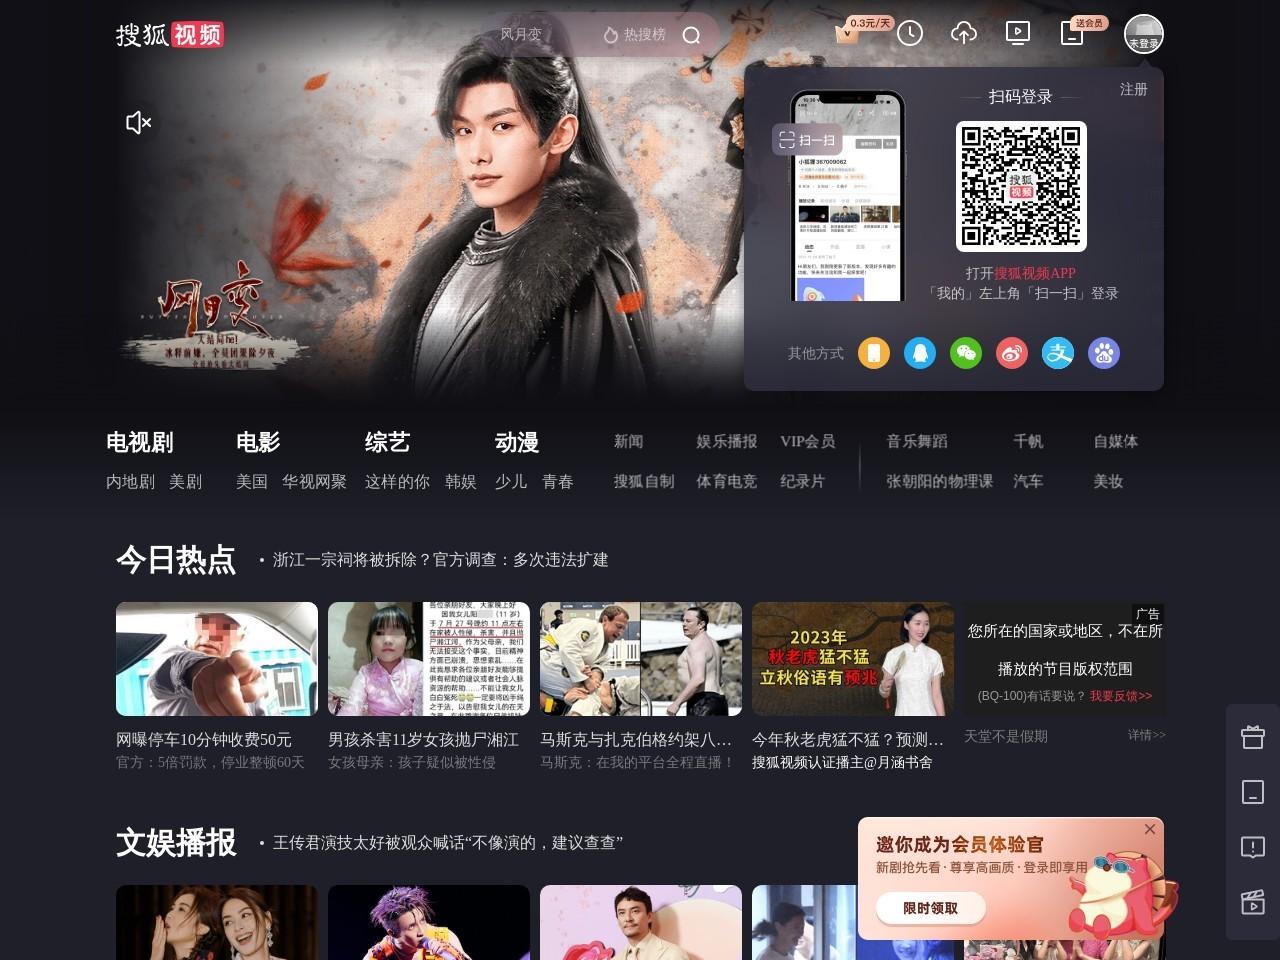 搜狐视频-中国领先的综合视频网站